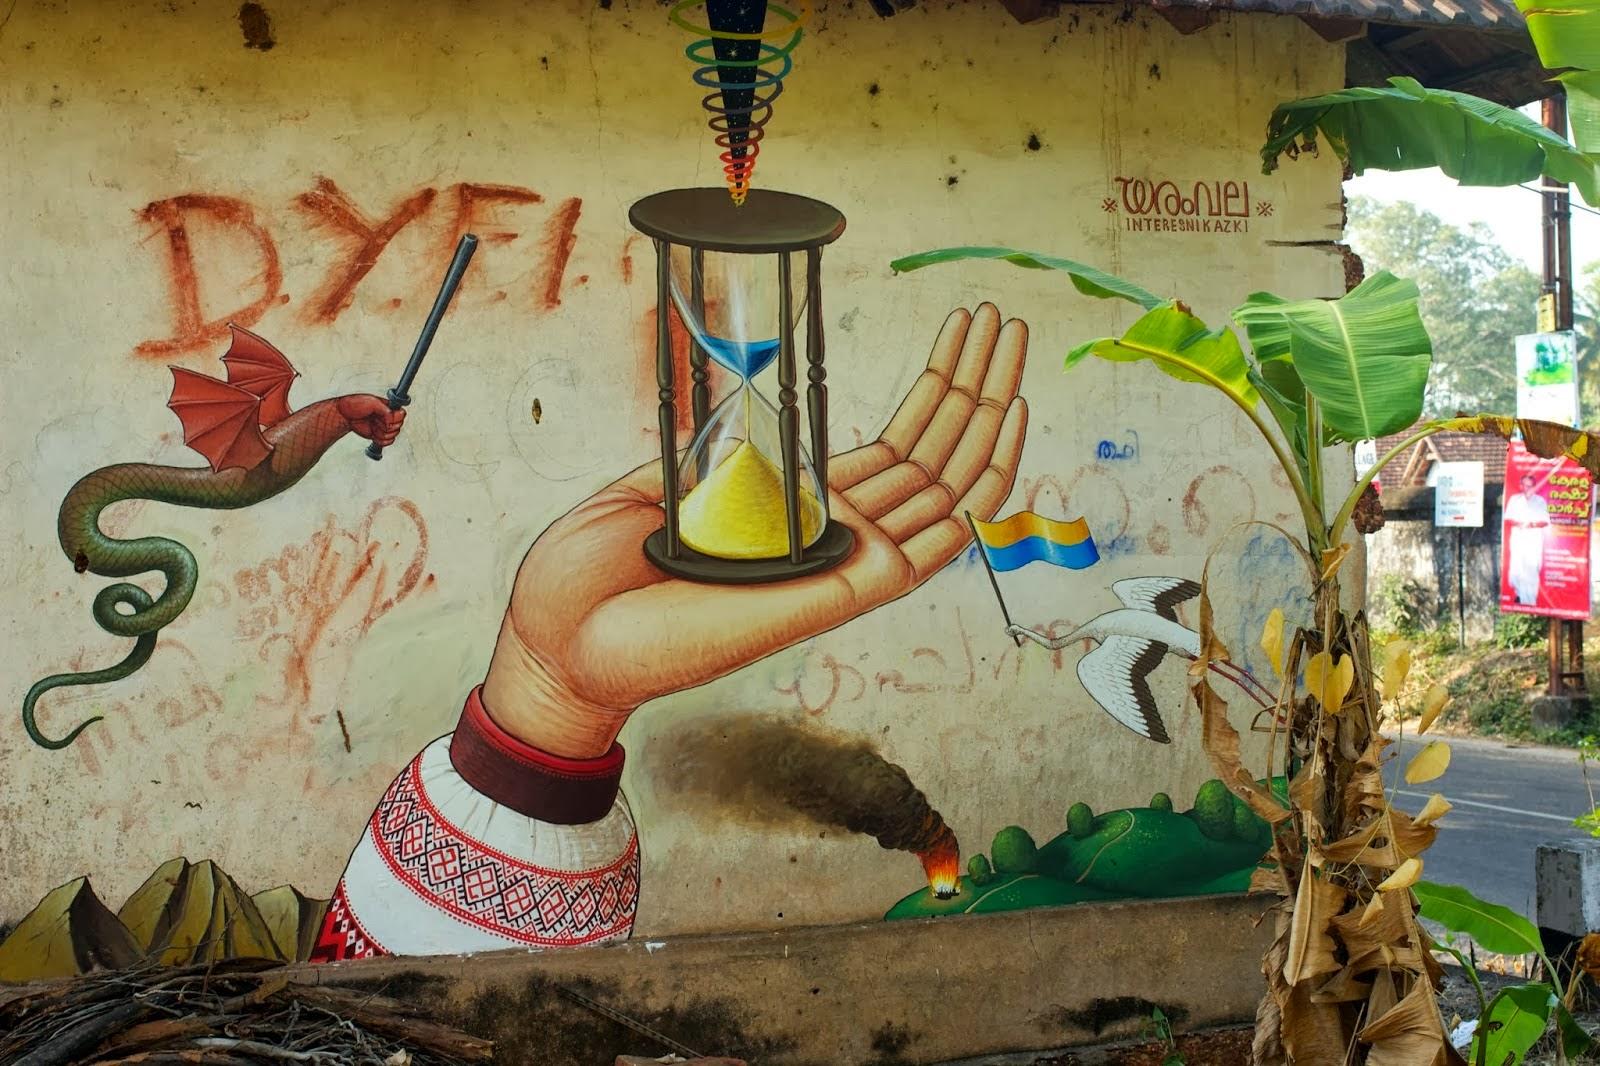 """Interesni Kazki """"Time For Change"""" New Mural - Varkala, India"""